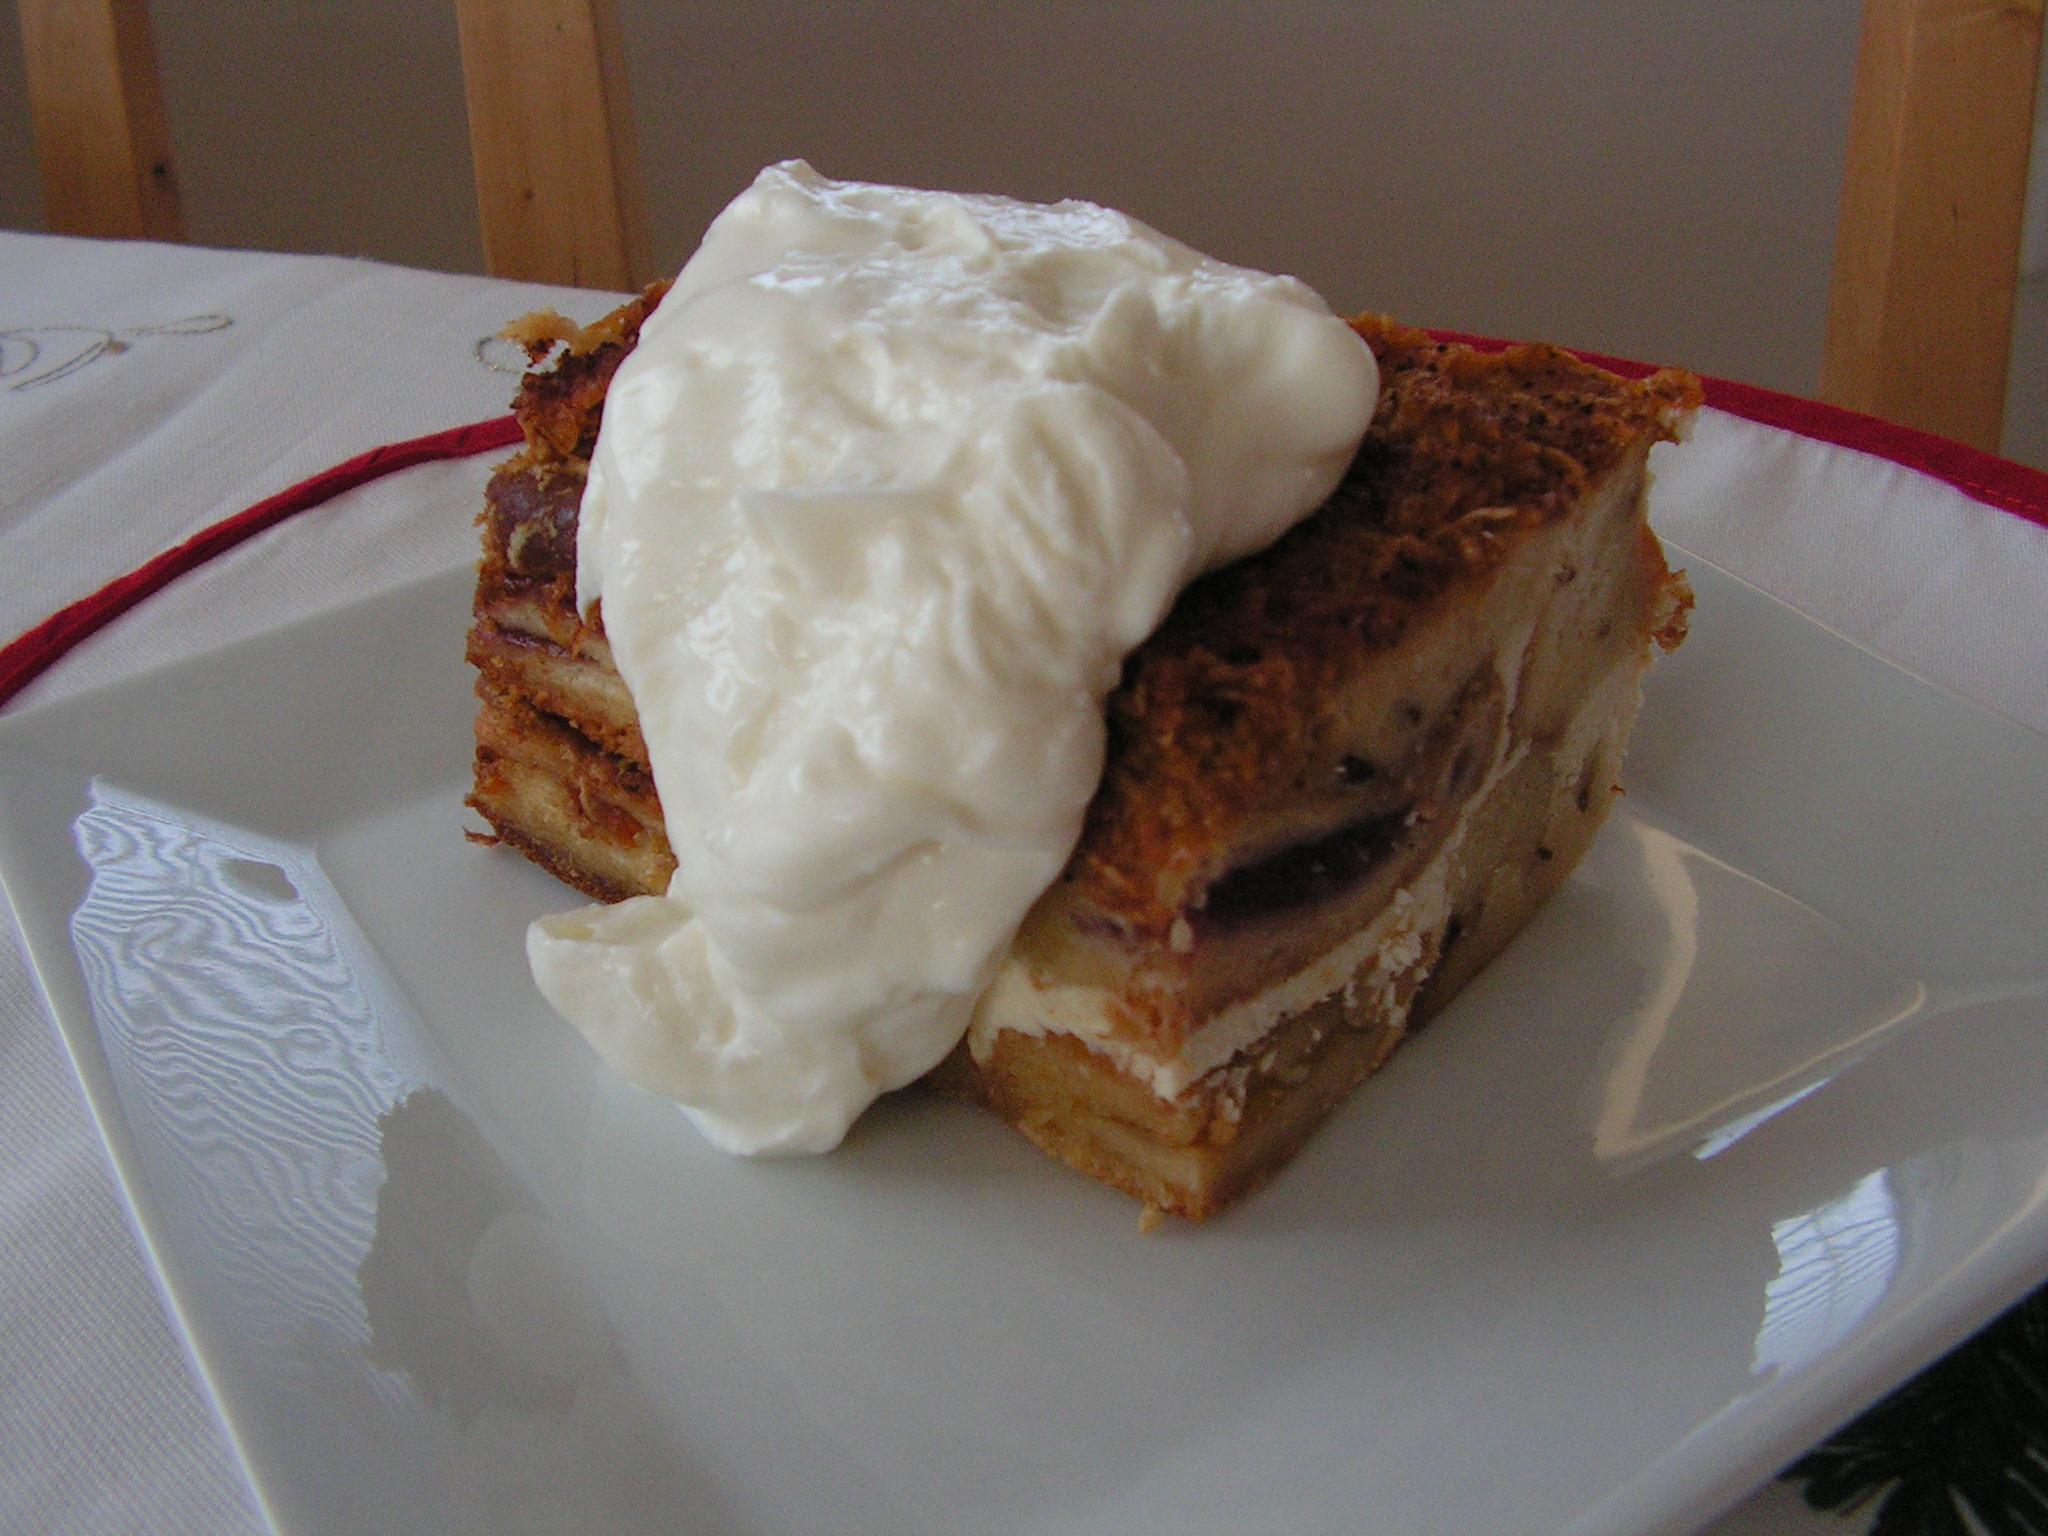 Recept Žemlovka - Dobrou chuť